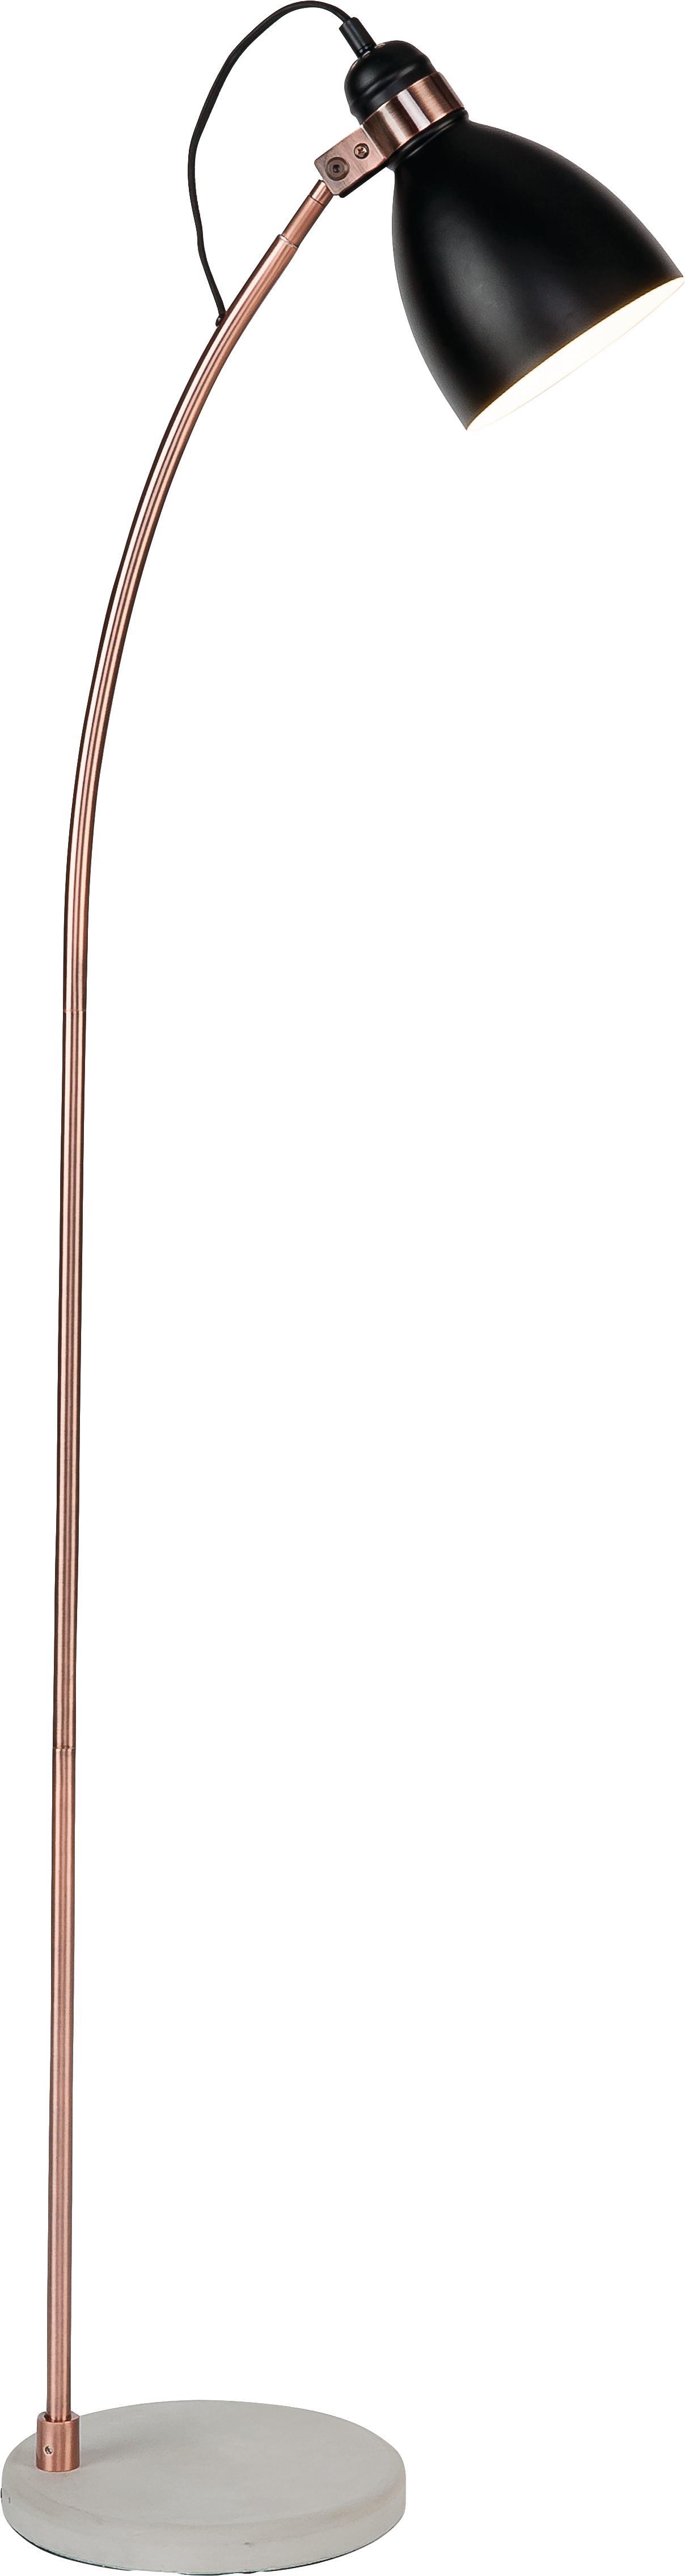 Vloerlamp Denver met cementen voet, Lampenkap: gecoat ijzer, Stang: verkoperd ijzer, Lampvoet: cement, Lampenkap: zwart. Stang: koperkleurig. Lampvoet: cementkleurig, 37 x 145 cm